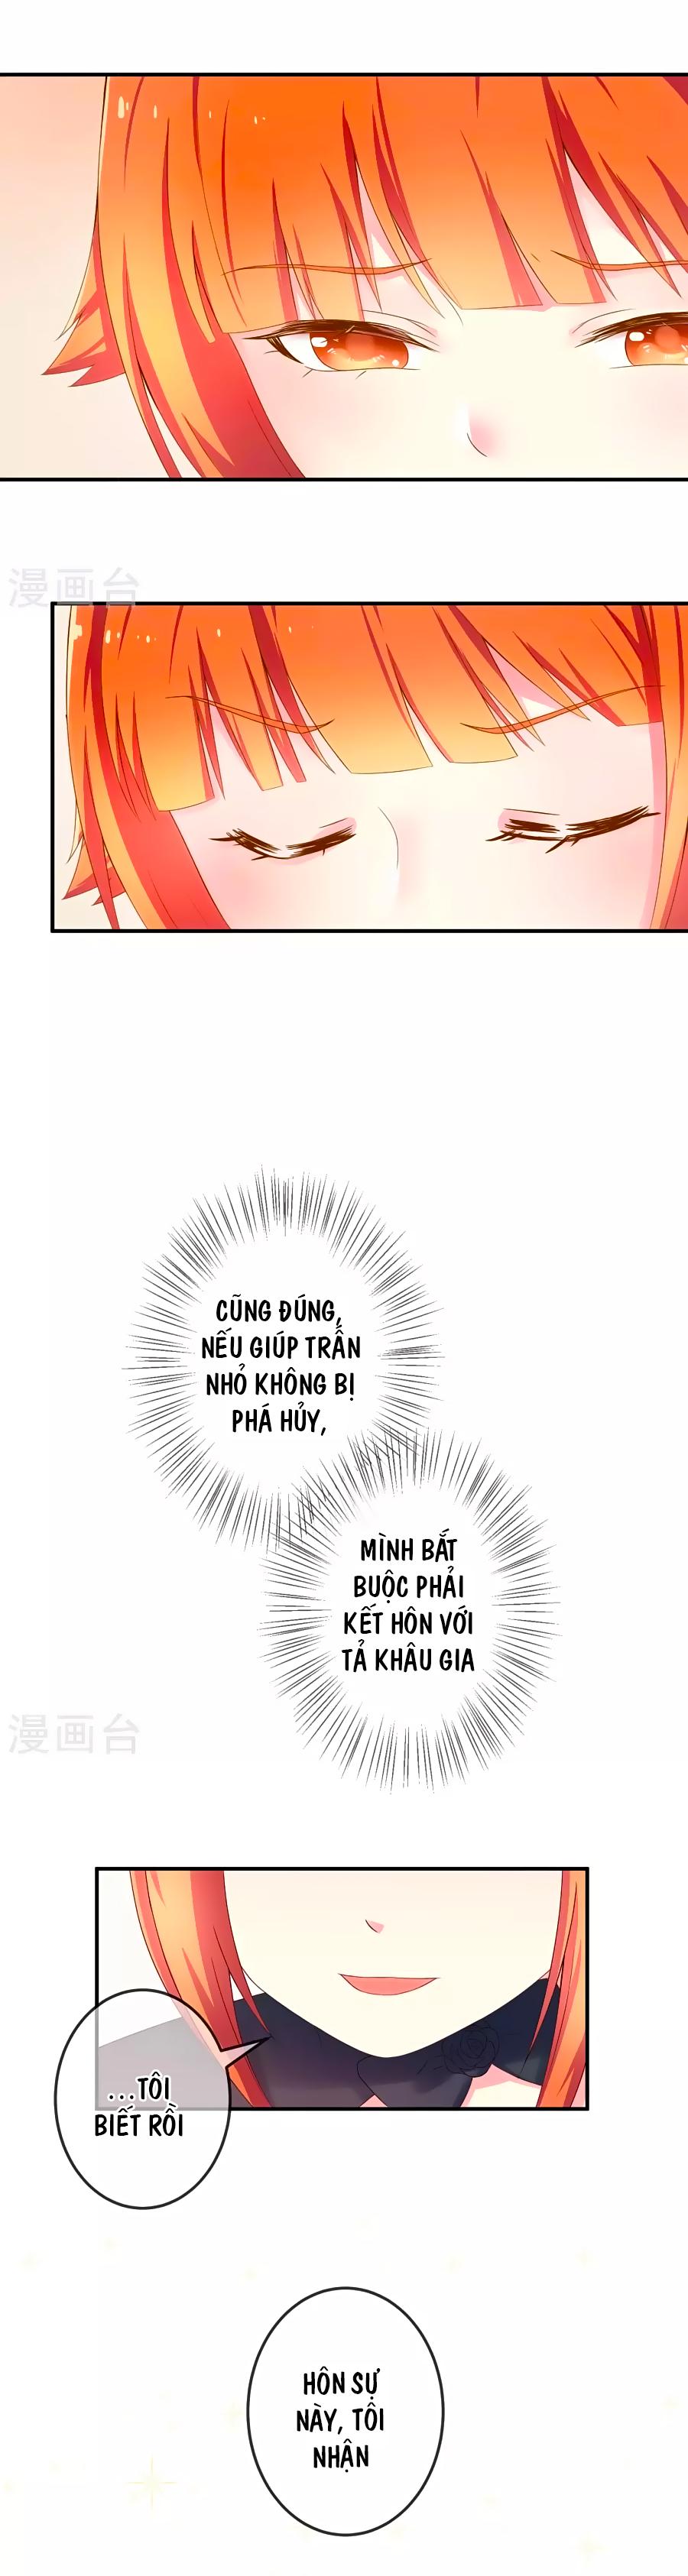 Cuộc Sống Hào Môn Của Vu Nữ - Chap 13